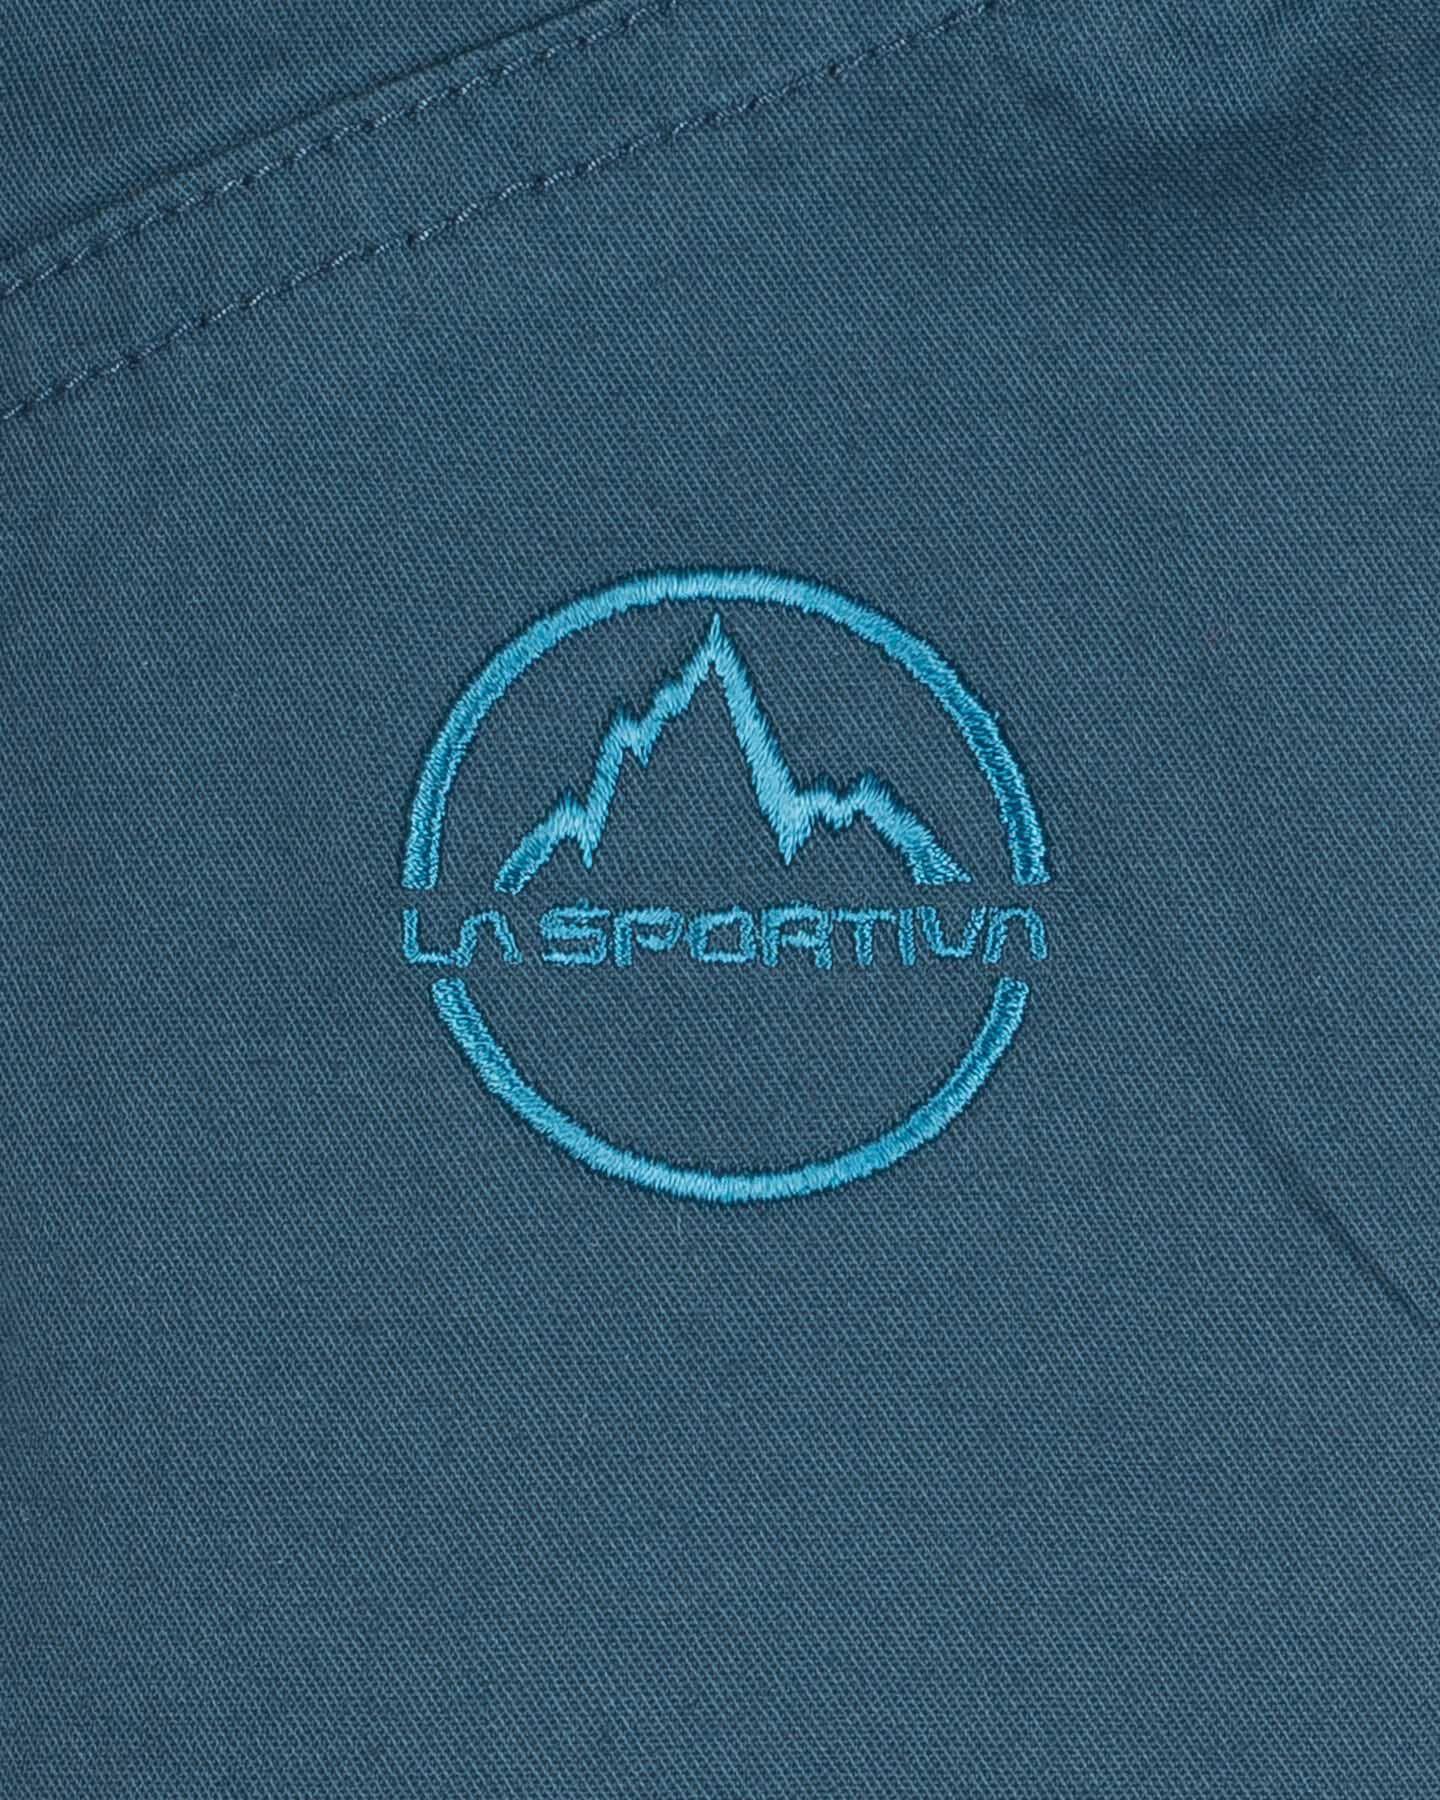 Pantalone outdoor LA SPORTIVA ROOTS M S5198550 scatto 2